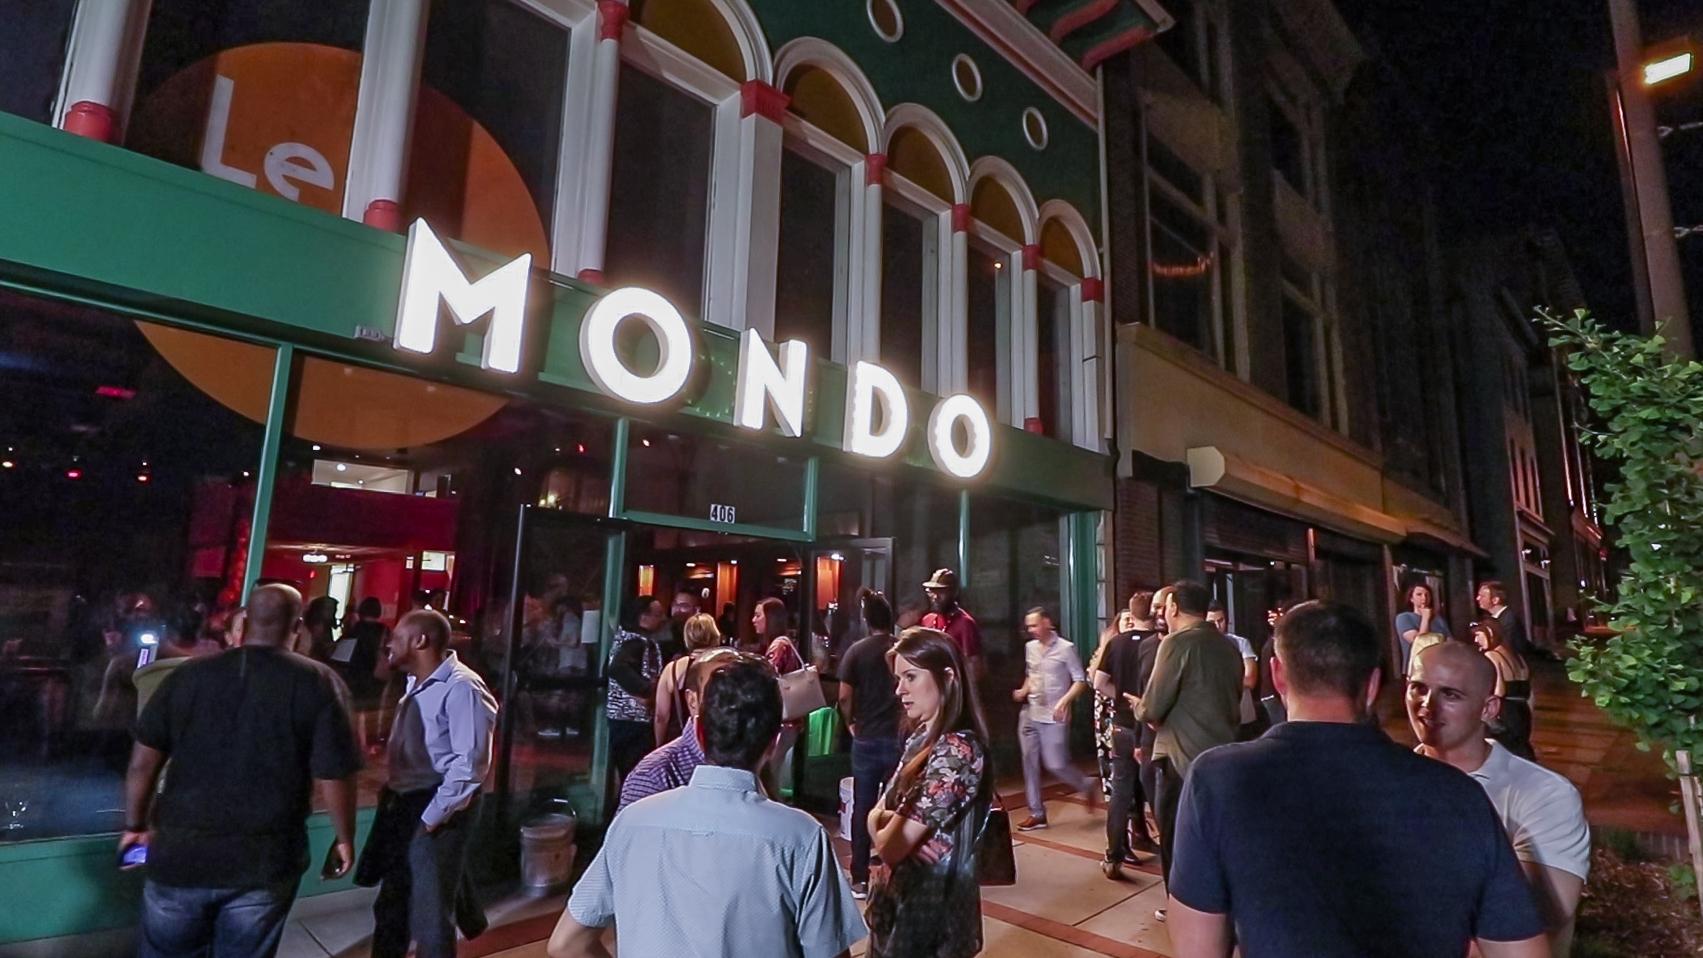 Le Mondo Opening stills RKK-10.jpg